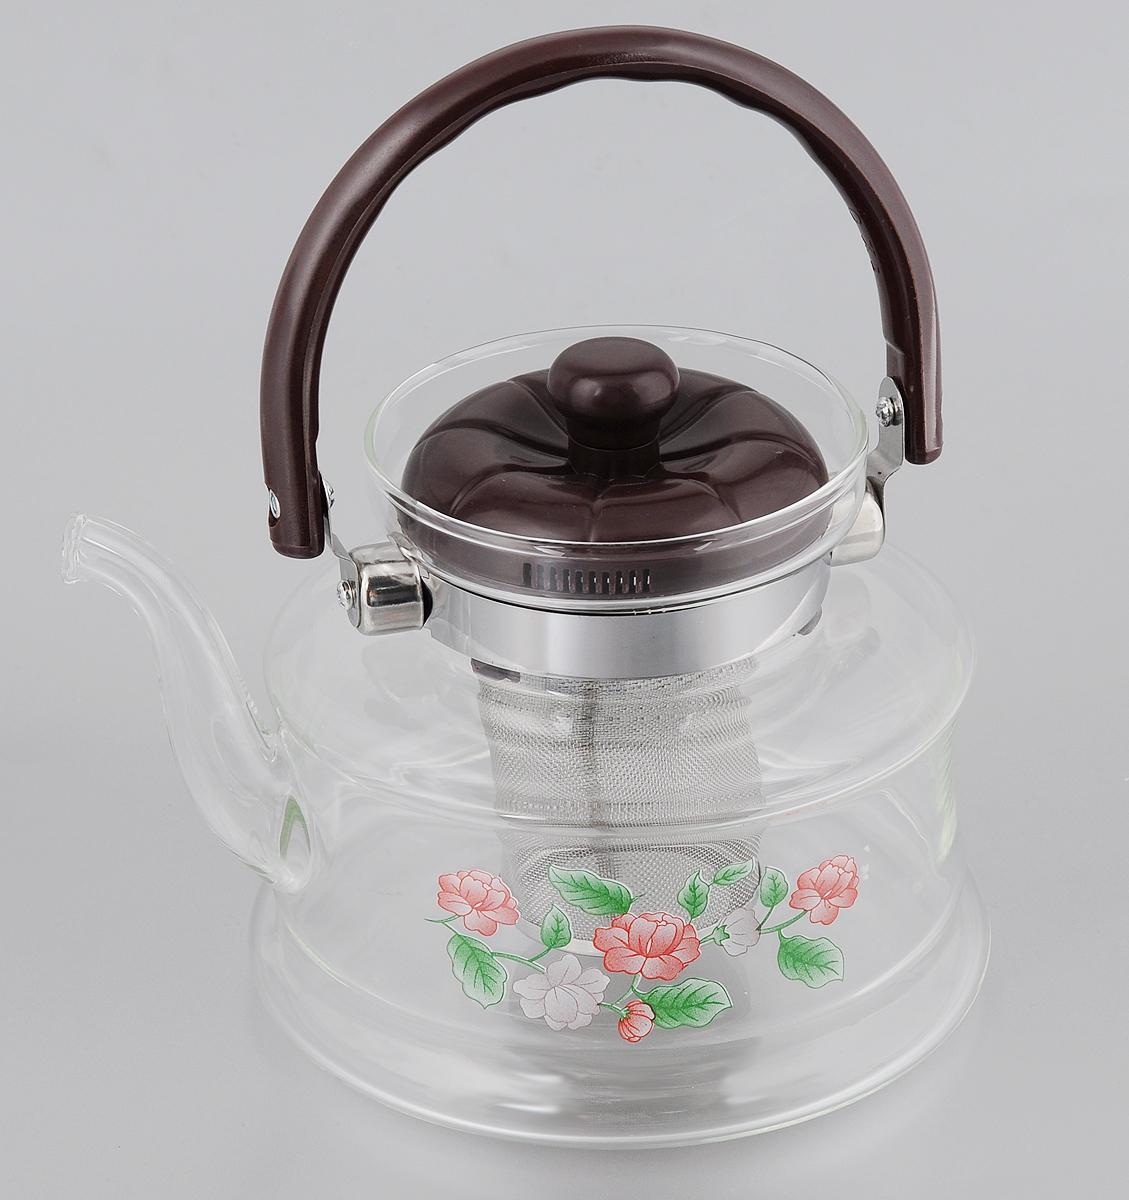 Чайник заварочный Mayer & Boch, с фильтром, 1,2 л. 2078020780Заварочный чайник Mayer & Boch полностью изготовлен из жаропрочного боросиликатного стекла и оформлен красивым цветочным принтом. Чайник оснащен сетчатым фильтром из нержавеющей стали, который задерживает чаинки и предотвращает их попадание в чашку. Прозрачные стенки дают возможность наблюдать за насыщением напитка. Подвижная ручка и крышка выполнены из бакелита. Заварочный чайник Mayer & Boch займет достойное место на вашей кухне, а также послужит хорошим подарком для друзей и близких. Диаметр (по верхнему краю): 10 см. Диаметр основания: 15 см. Высота фильтра: 8 см. Высота чайника (без учета ручки и крышки): 12 см.